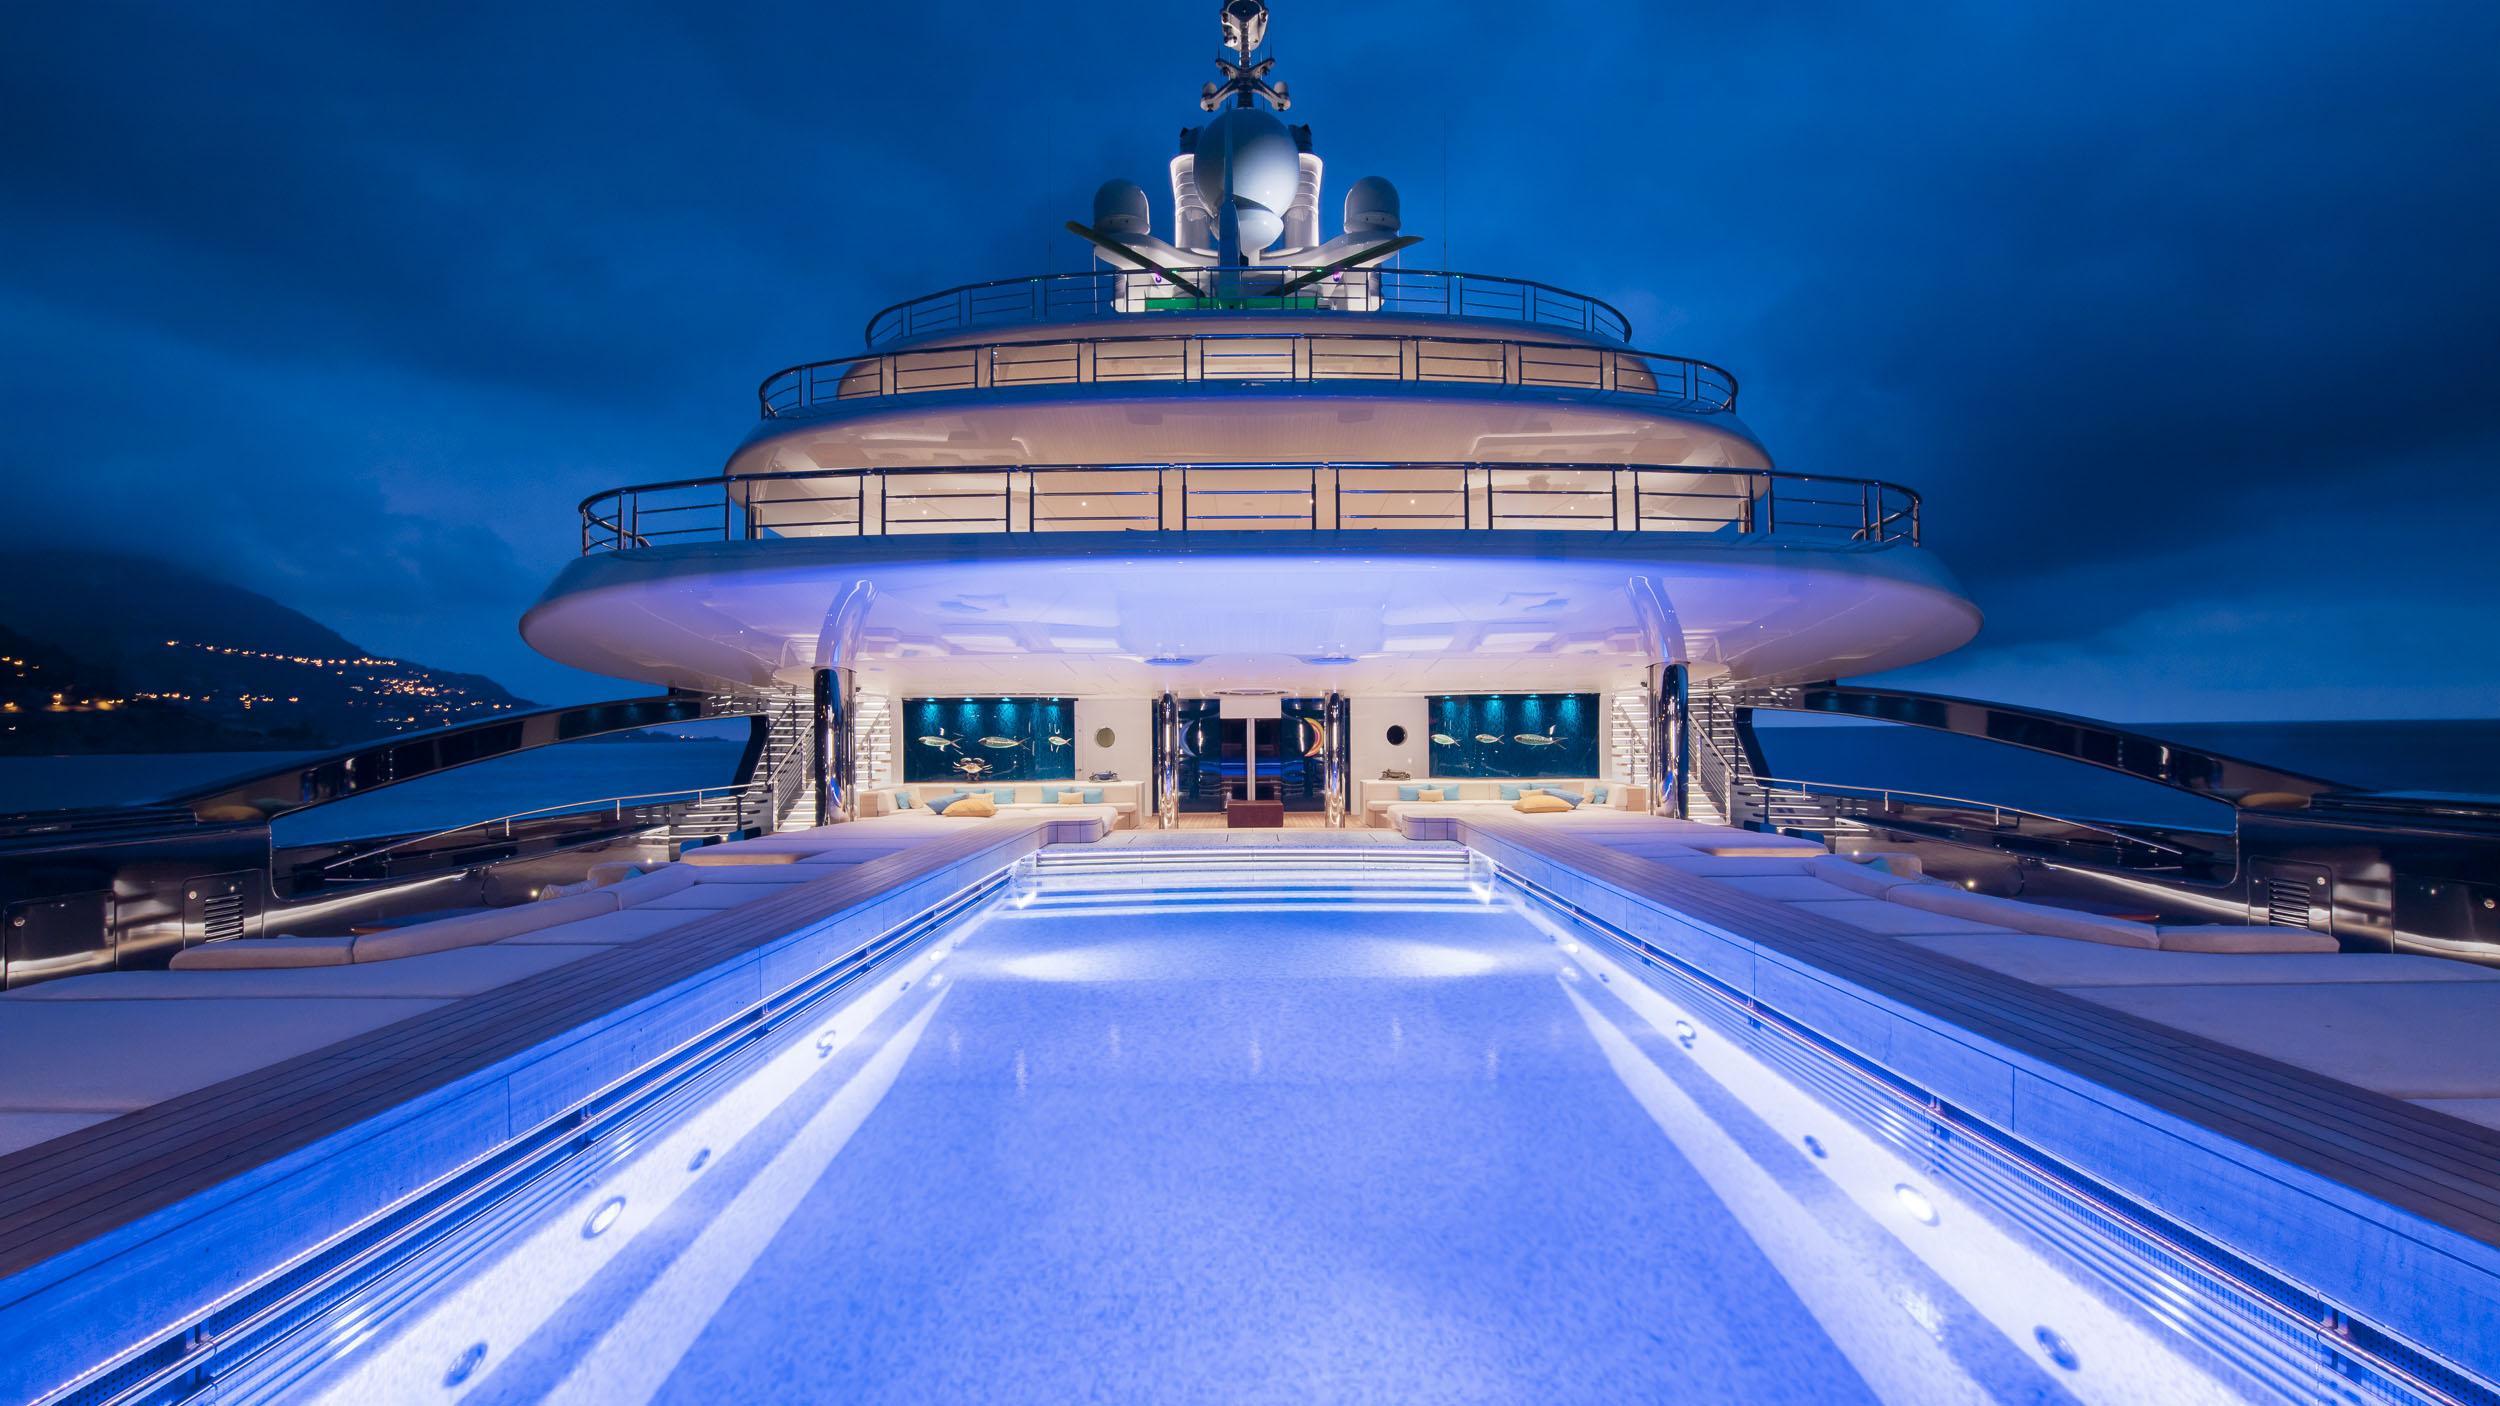 luna superyacht lloyd werft 2010 115m swimming pool